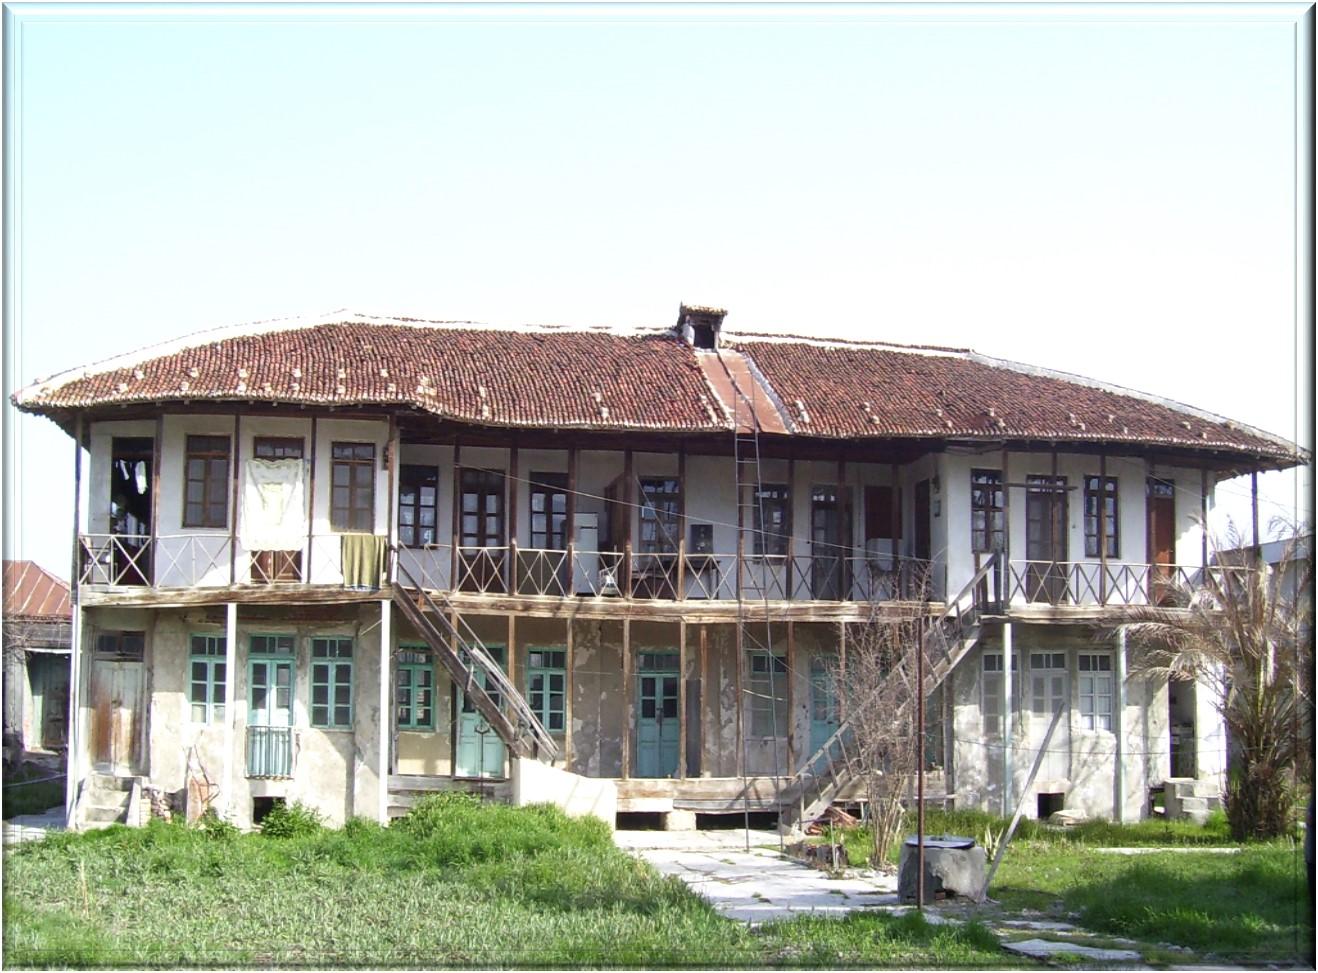 پاورپوینت بررسی روستای سنگ تجن مازندران